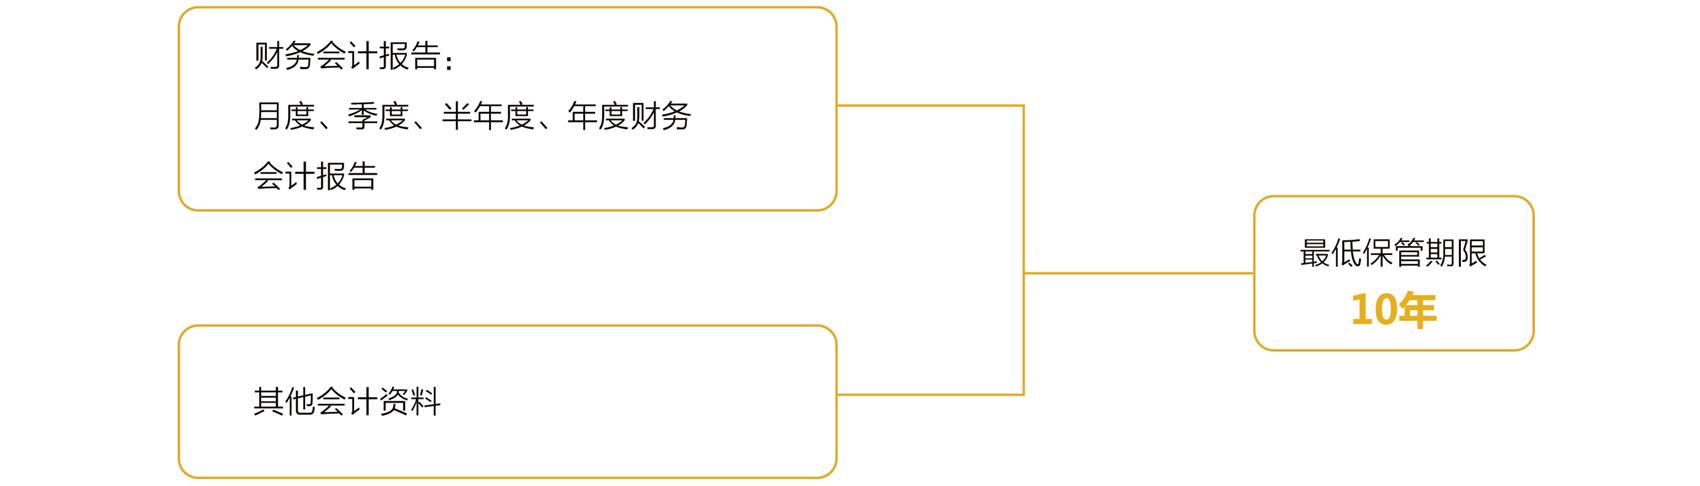 会计档案保管_08.jpg